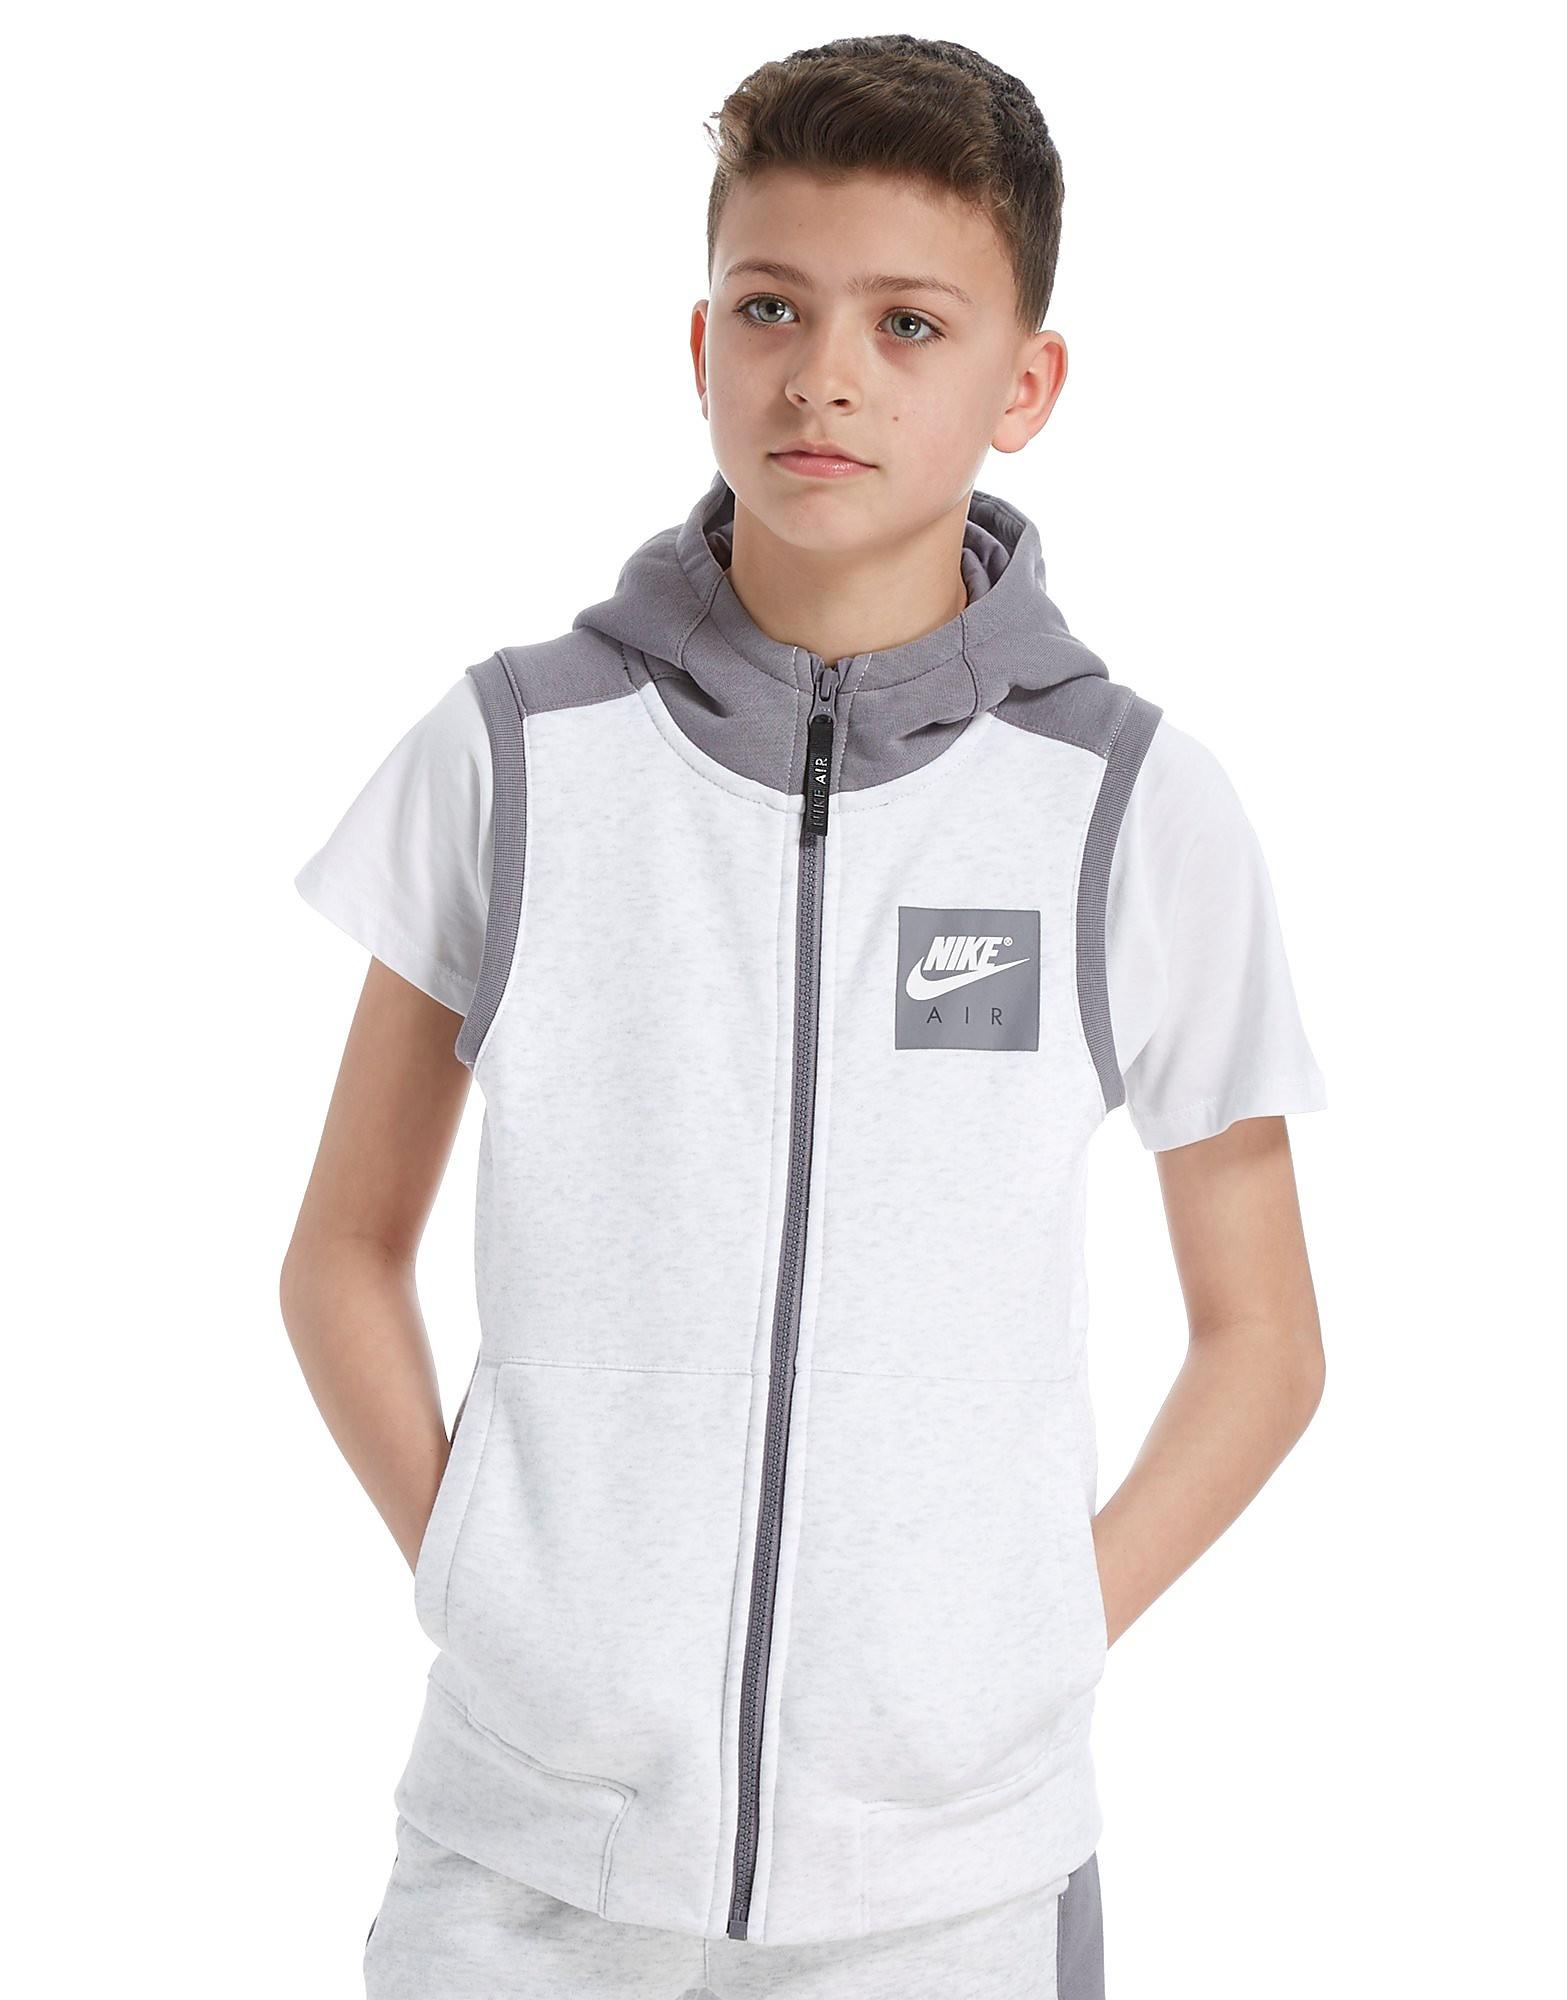 Nike Air Sleeveless Hoodie Junior